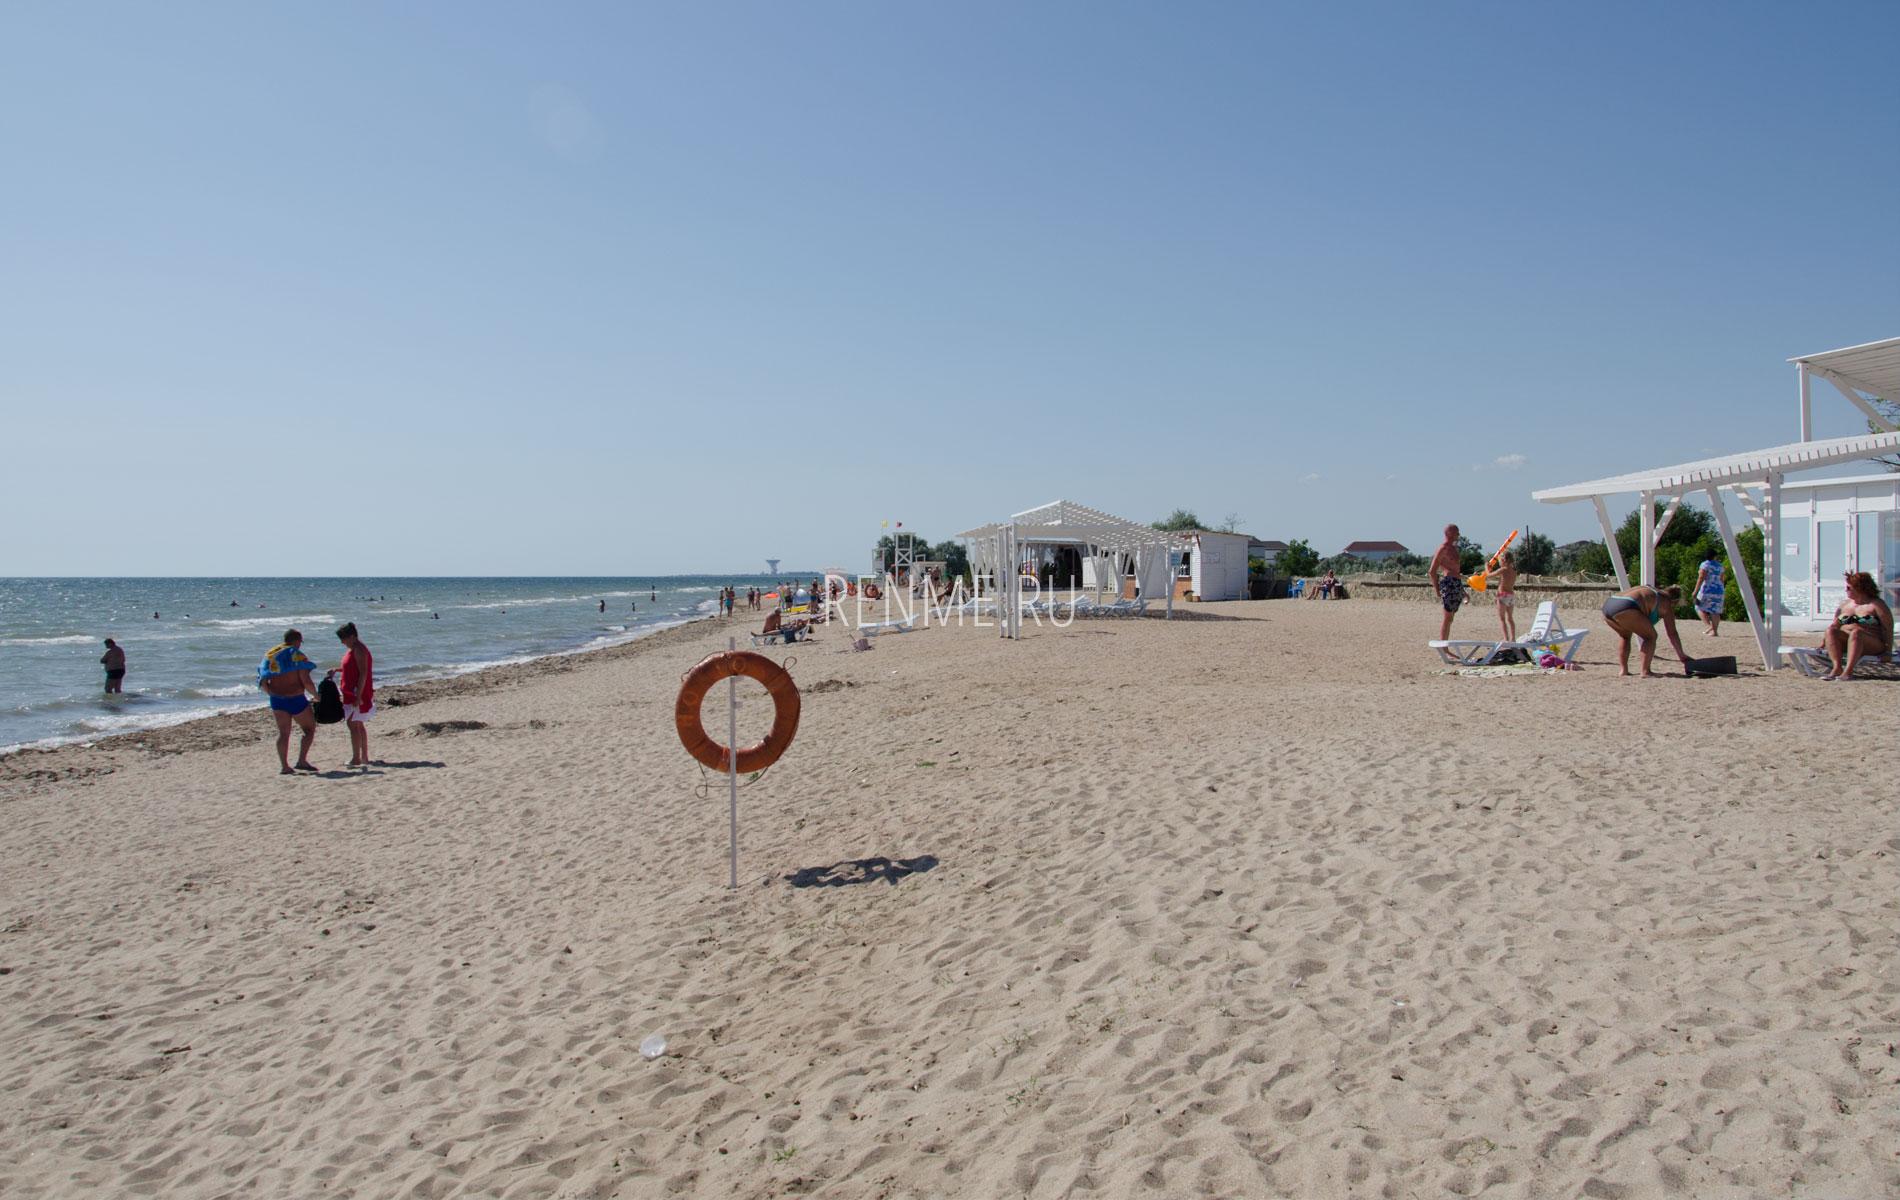 Песчаный пляж на Фотоне. Фото Заозёрного